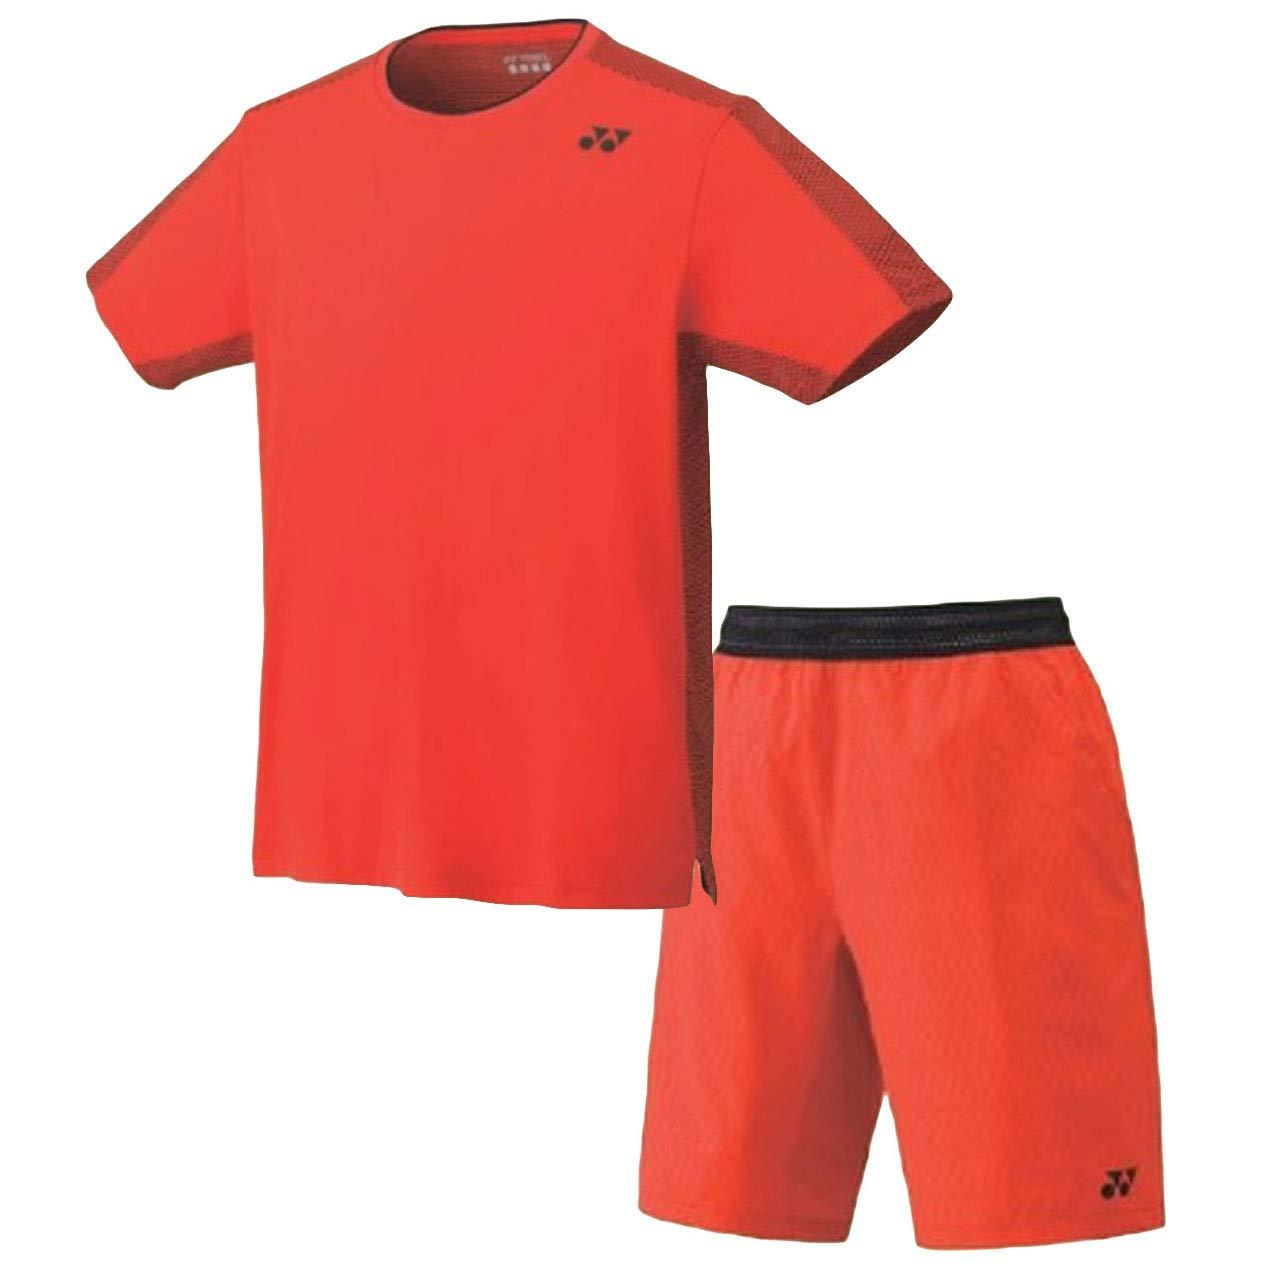 ヨネックス(YONEX) ゲームシャツ(フィットスタイル)&ハーフパンツ 上下セット(ファイヤーレッド/ファイヤーレッド) 10278-569-15072-569 M B07S2V4W5C ファイヤーレッド M